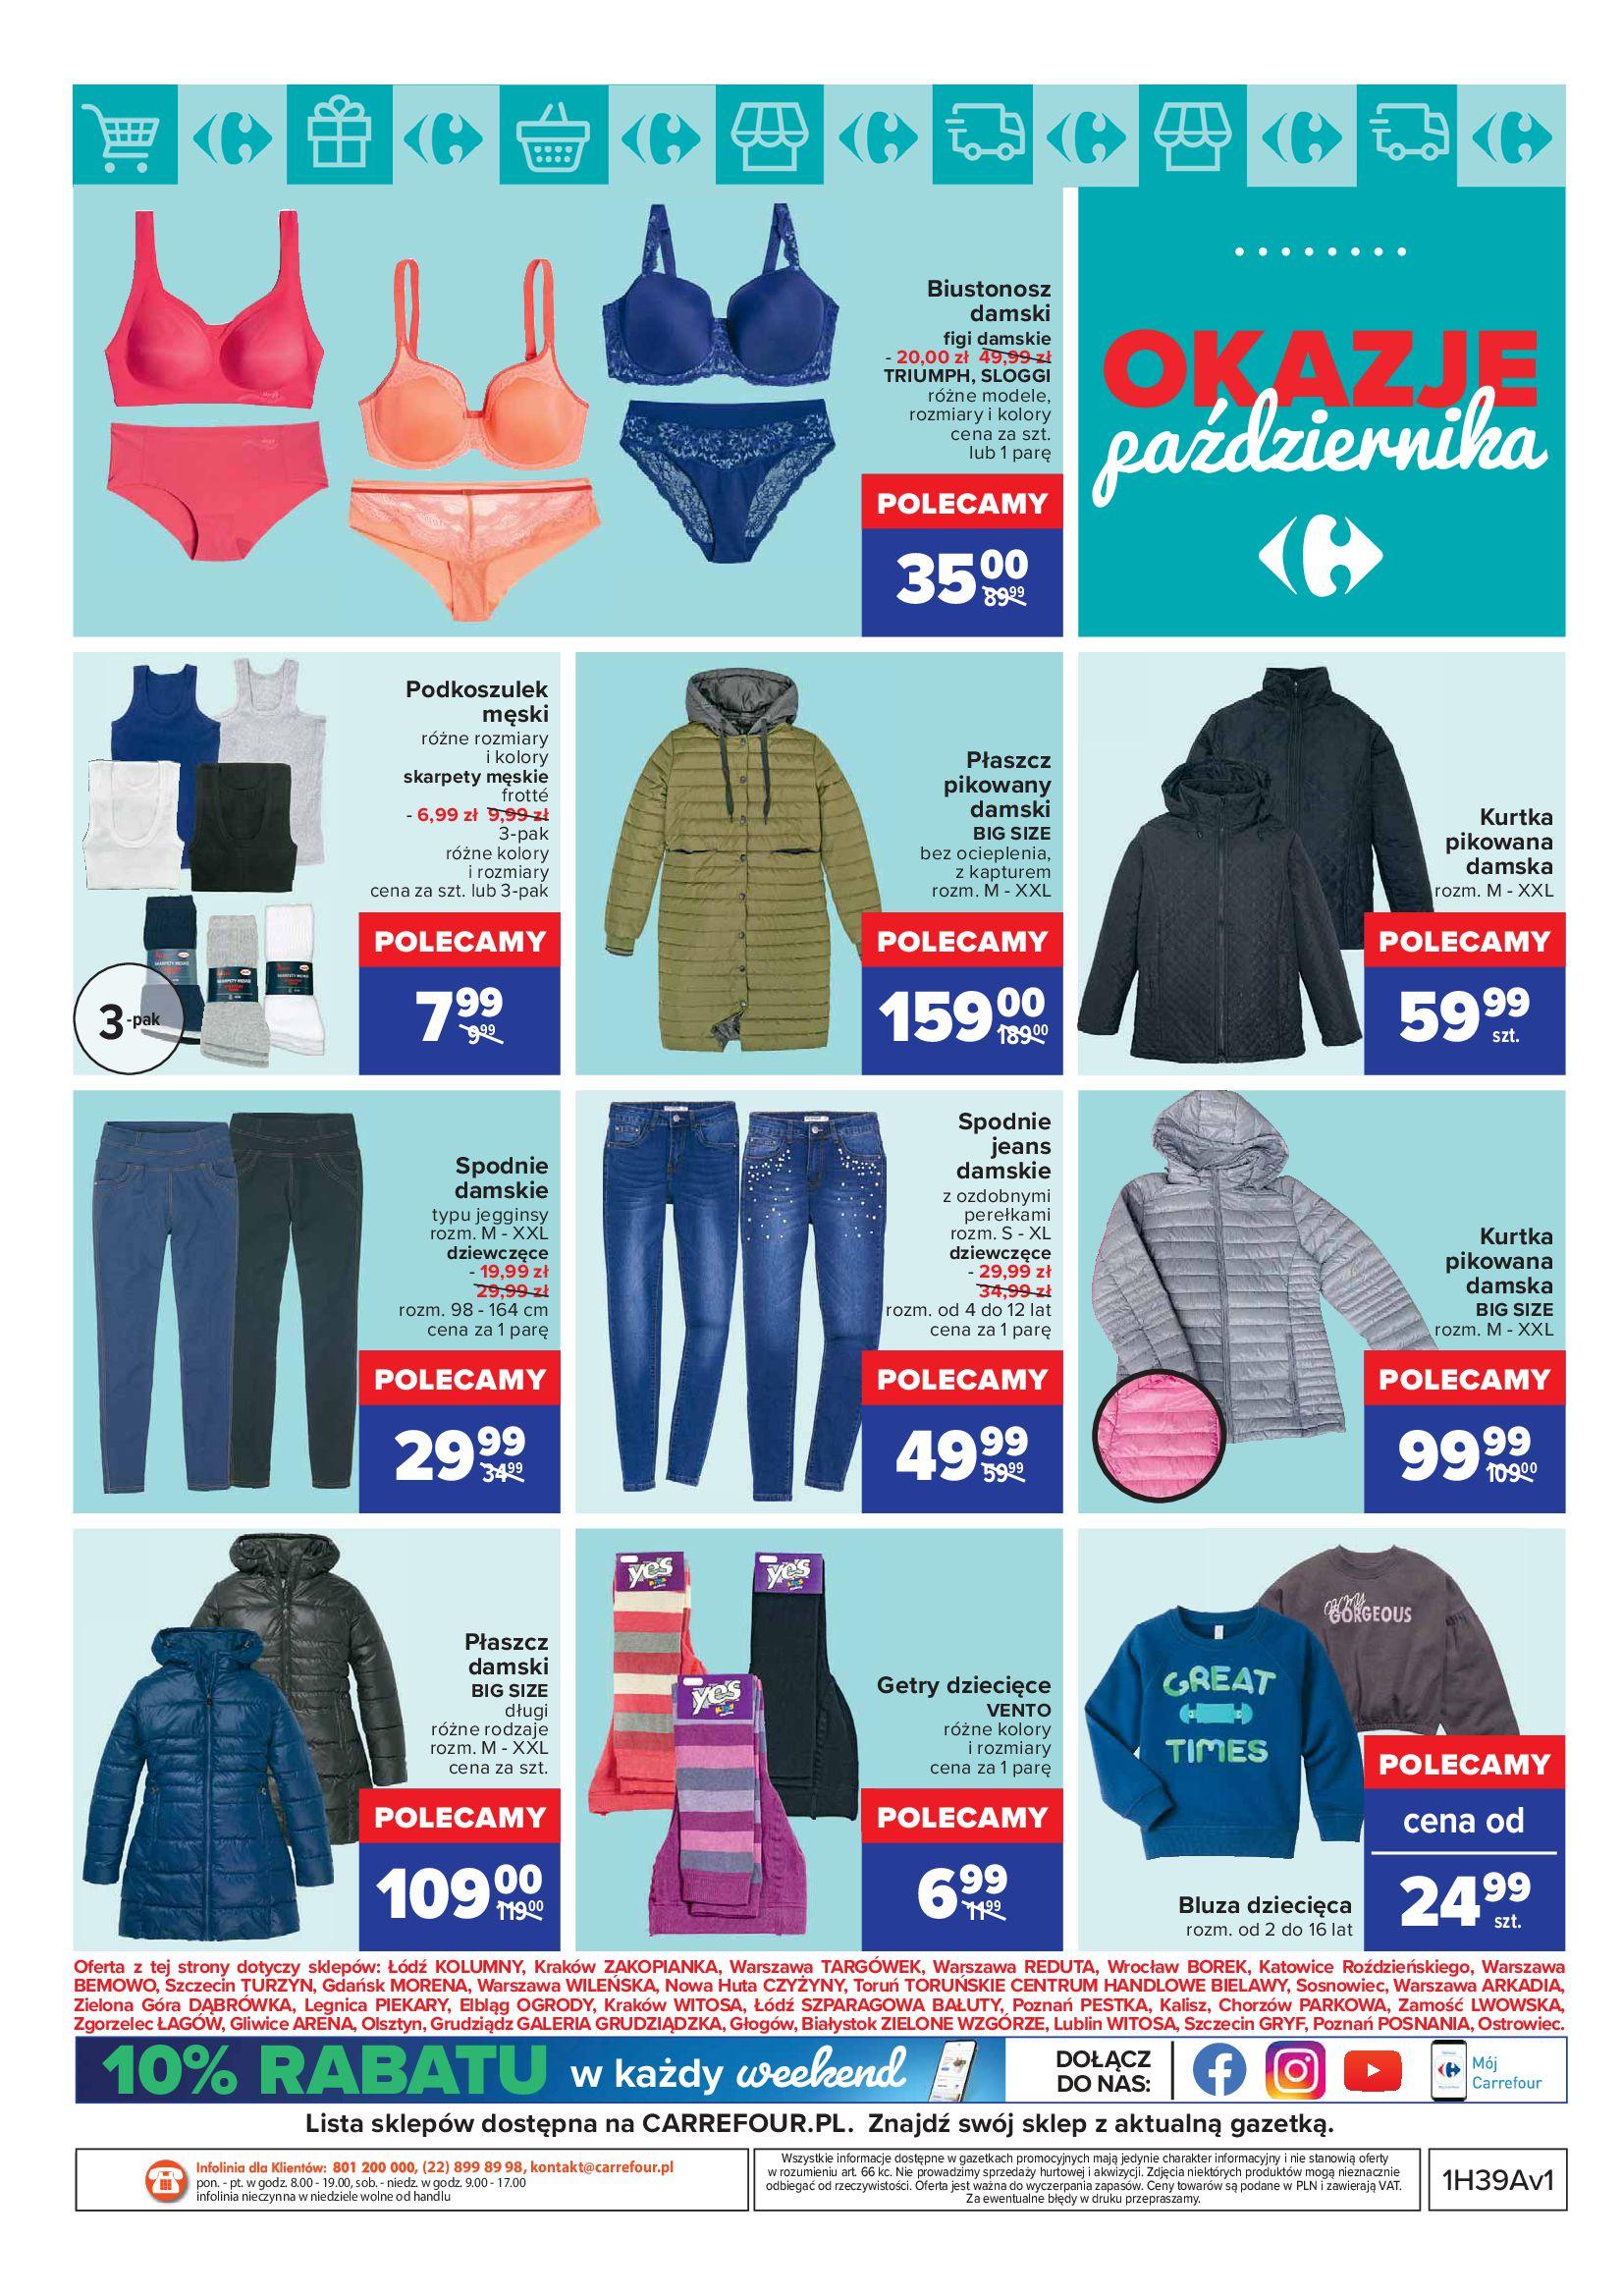 Gazetka Carrefour: Gazetka Carrefour - Okazje Października 2021-10-01 page-9